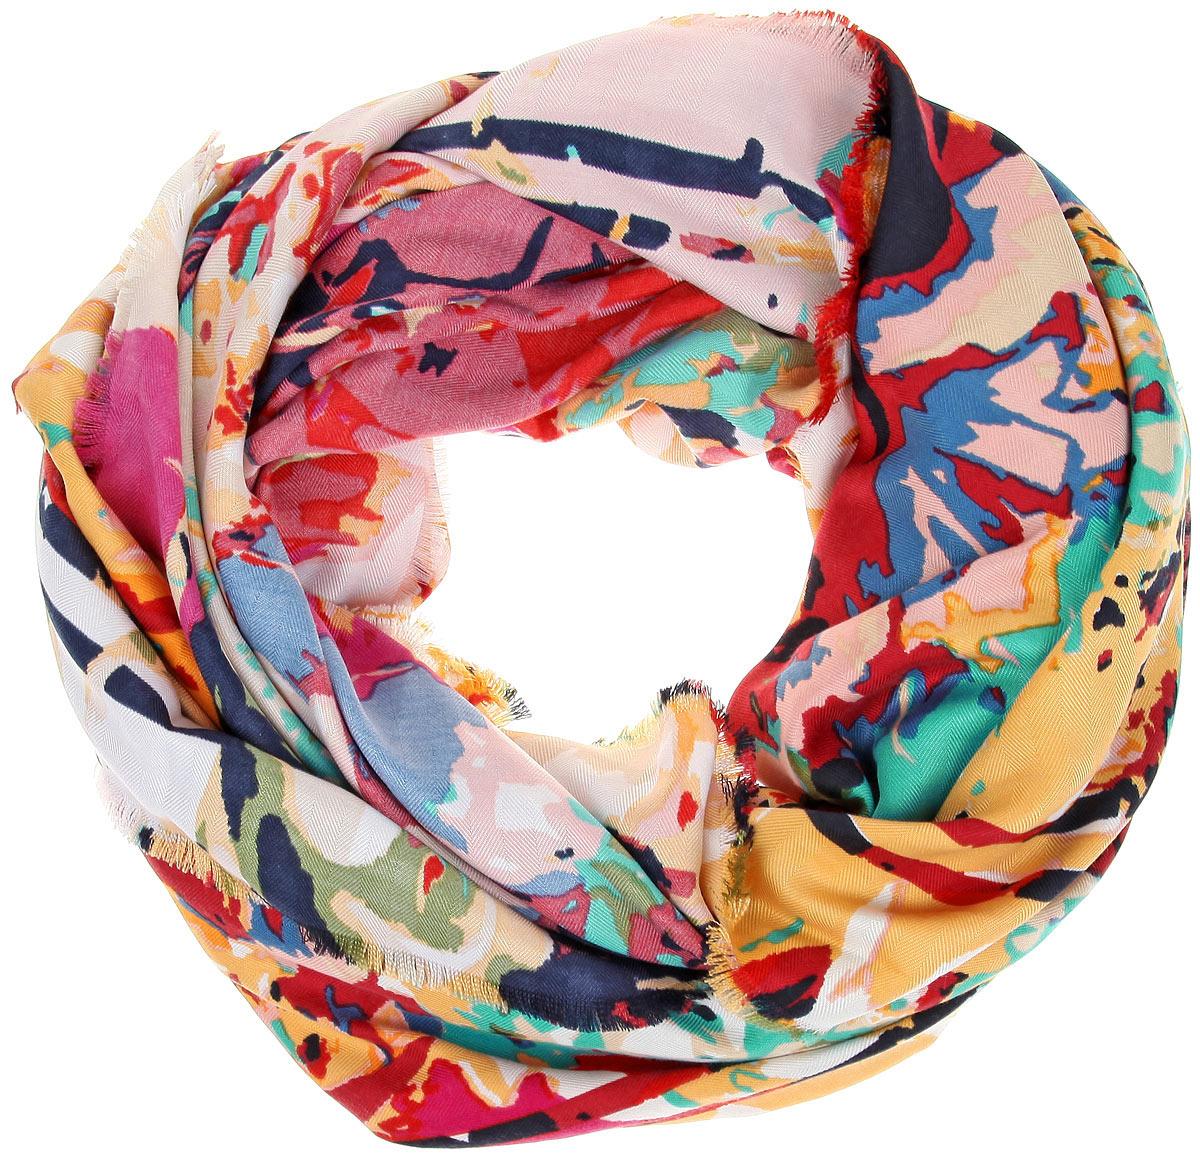 Платок женский Sophie Ramage, цвет: желтый, розовый, синий. BH-11527-10. Размер 130 см x 130 смBH-11527-10Платок Sophie Ramage, выполненный из модала с добавлением кашемира, идеально дополнит образ современной женщины. Благодаря своему составу, он удивительно мягкий и очень приятный на ощупь. Модель оформлена ярким принтом, а по краям декорирована бахромой. Классическая квадратная форма позволяет носить платок на шее, украшать им прическу или декорировать сумочку. С этим платком вы всегда будете выглядеть женственной и привлекательной.